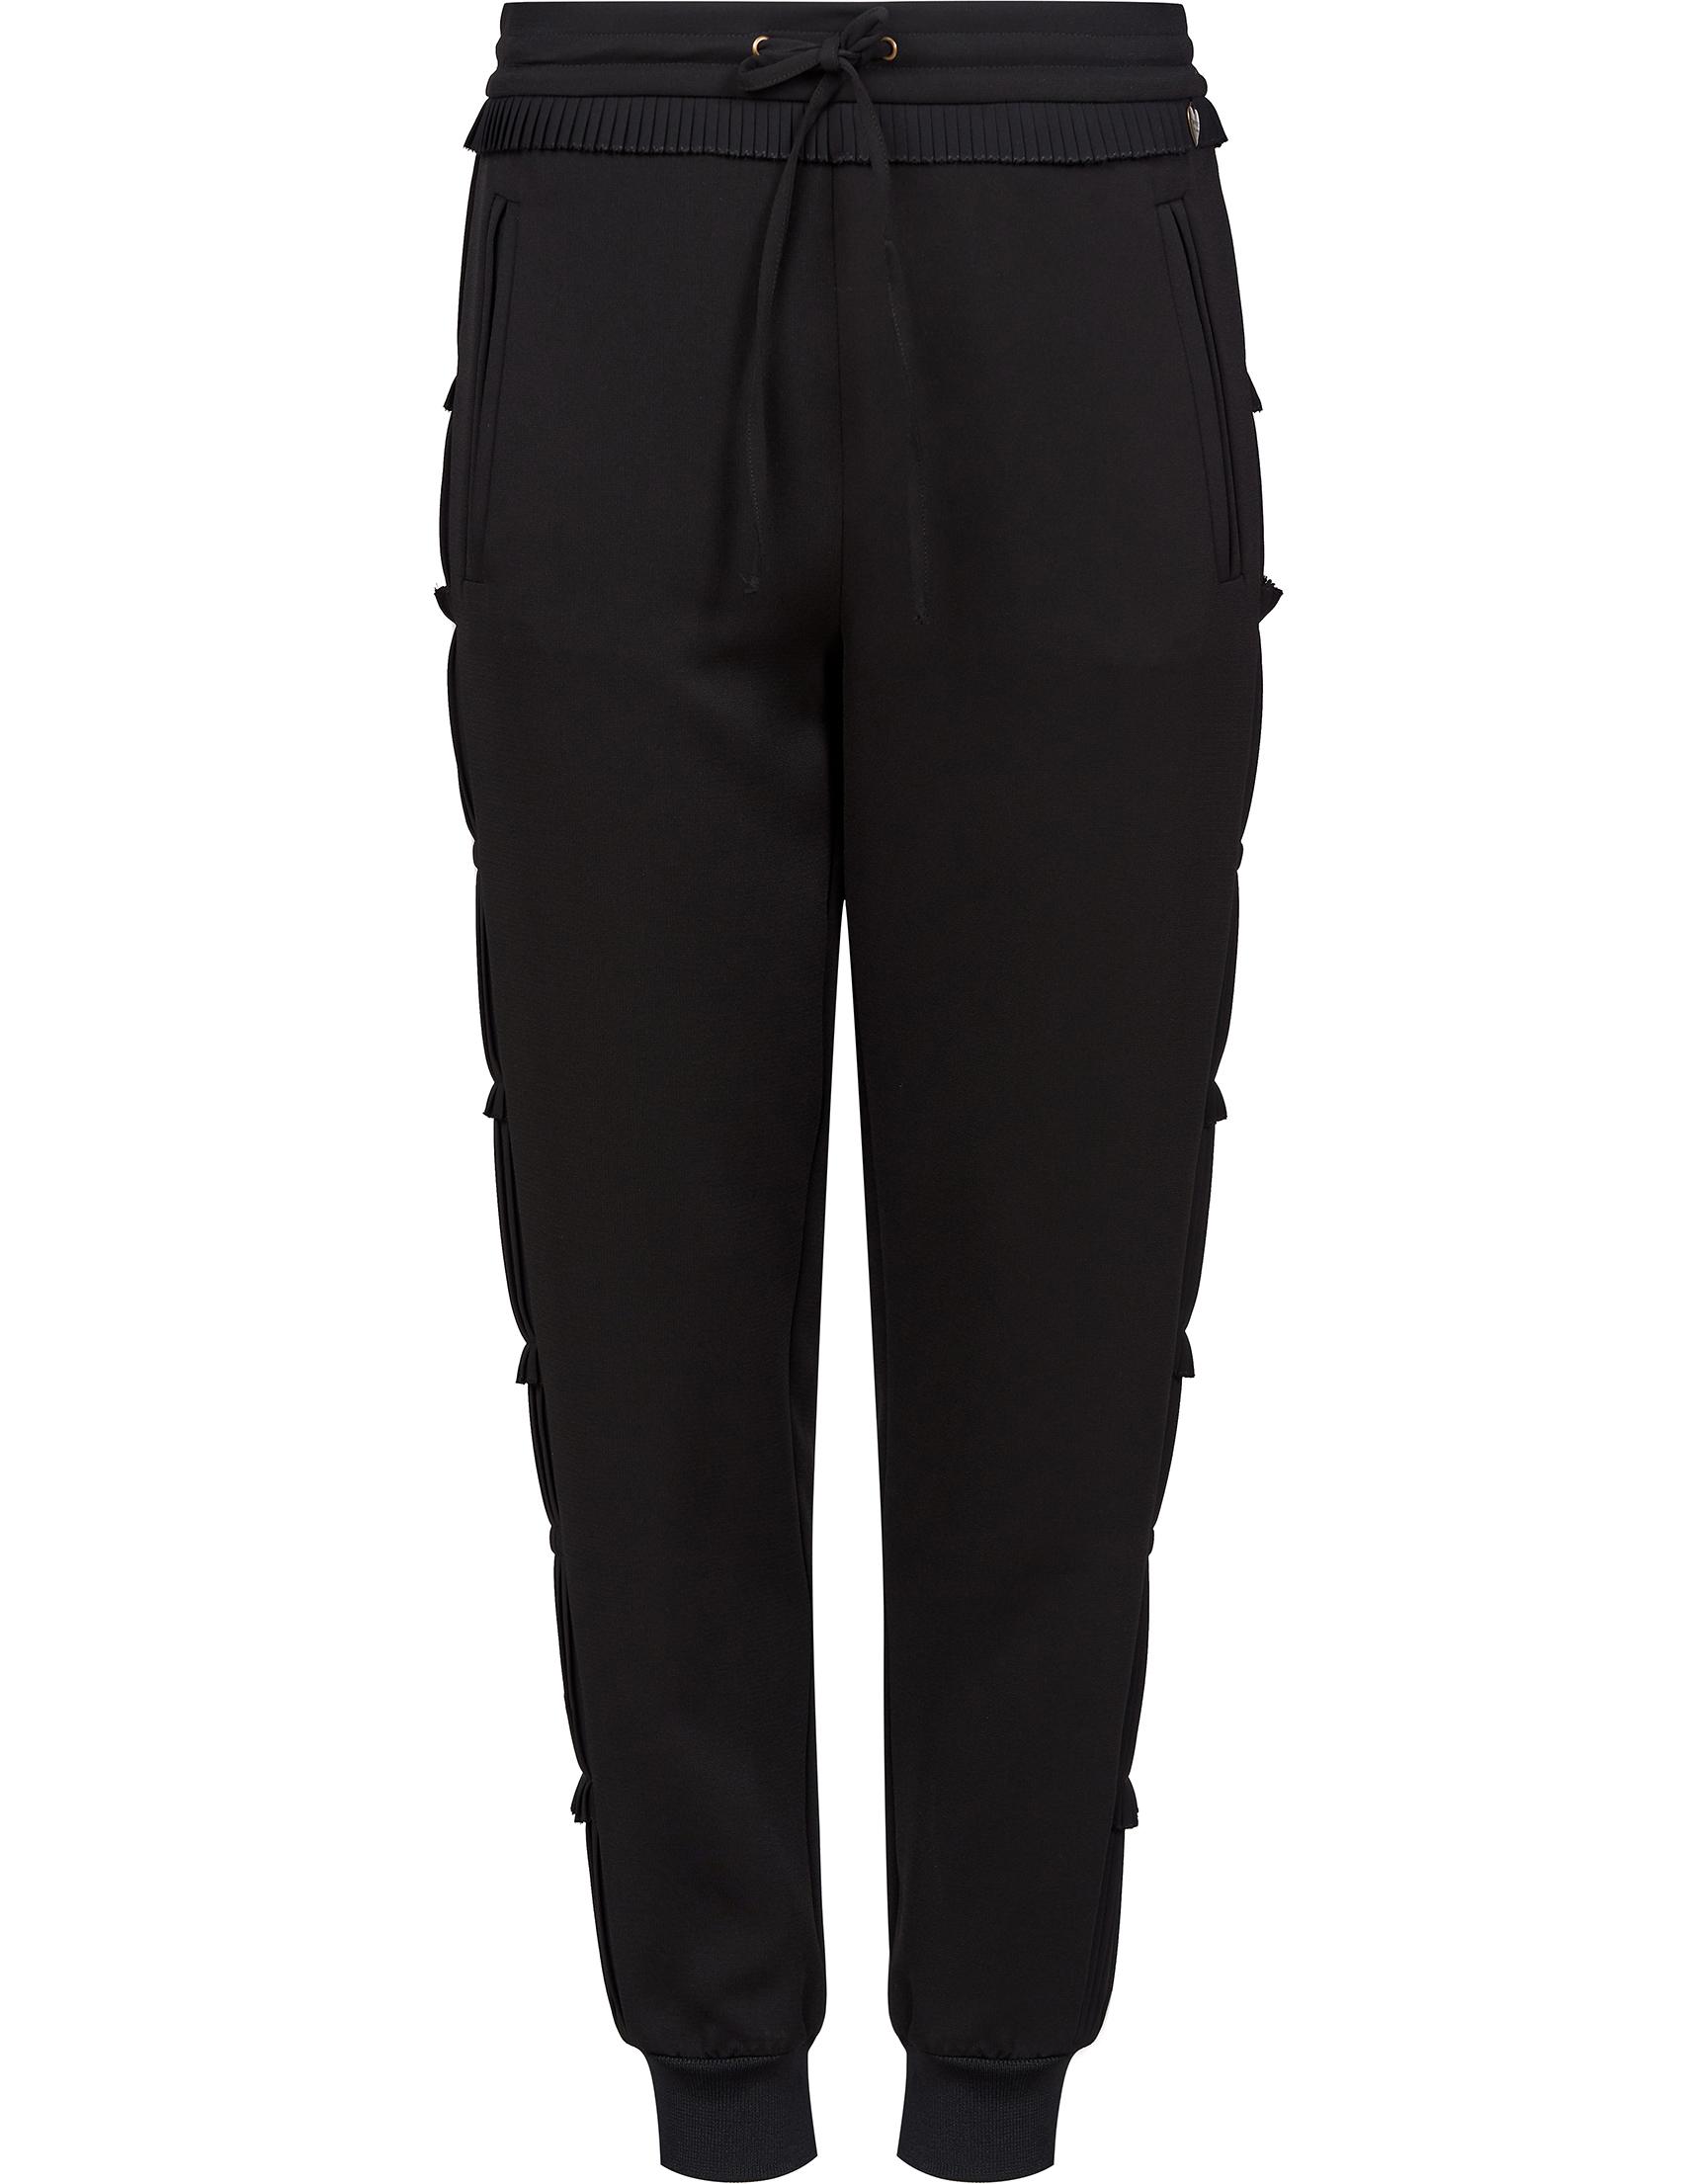 Купить Спортивные брюки, TWIN-SET, Черный, 100%Полиэстер, Весна-Лето